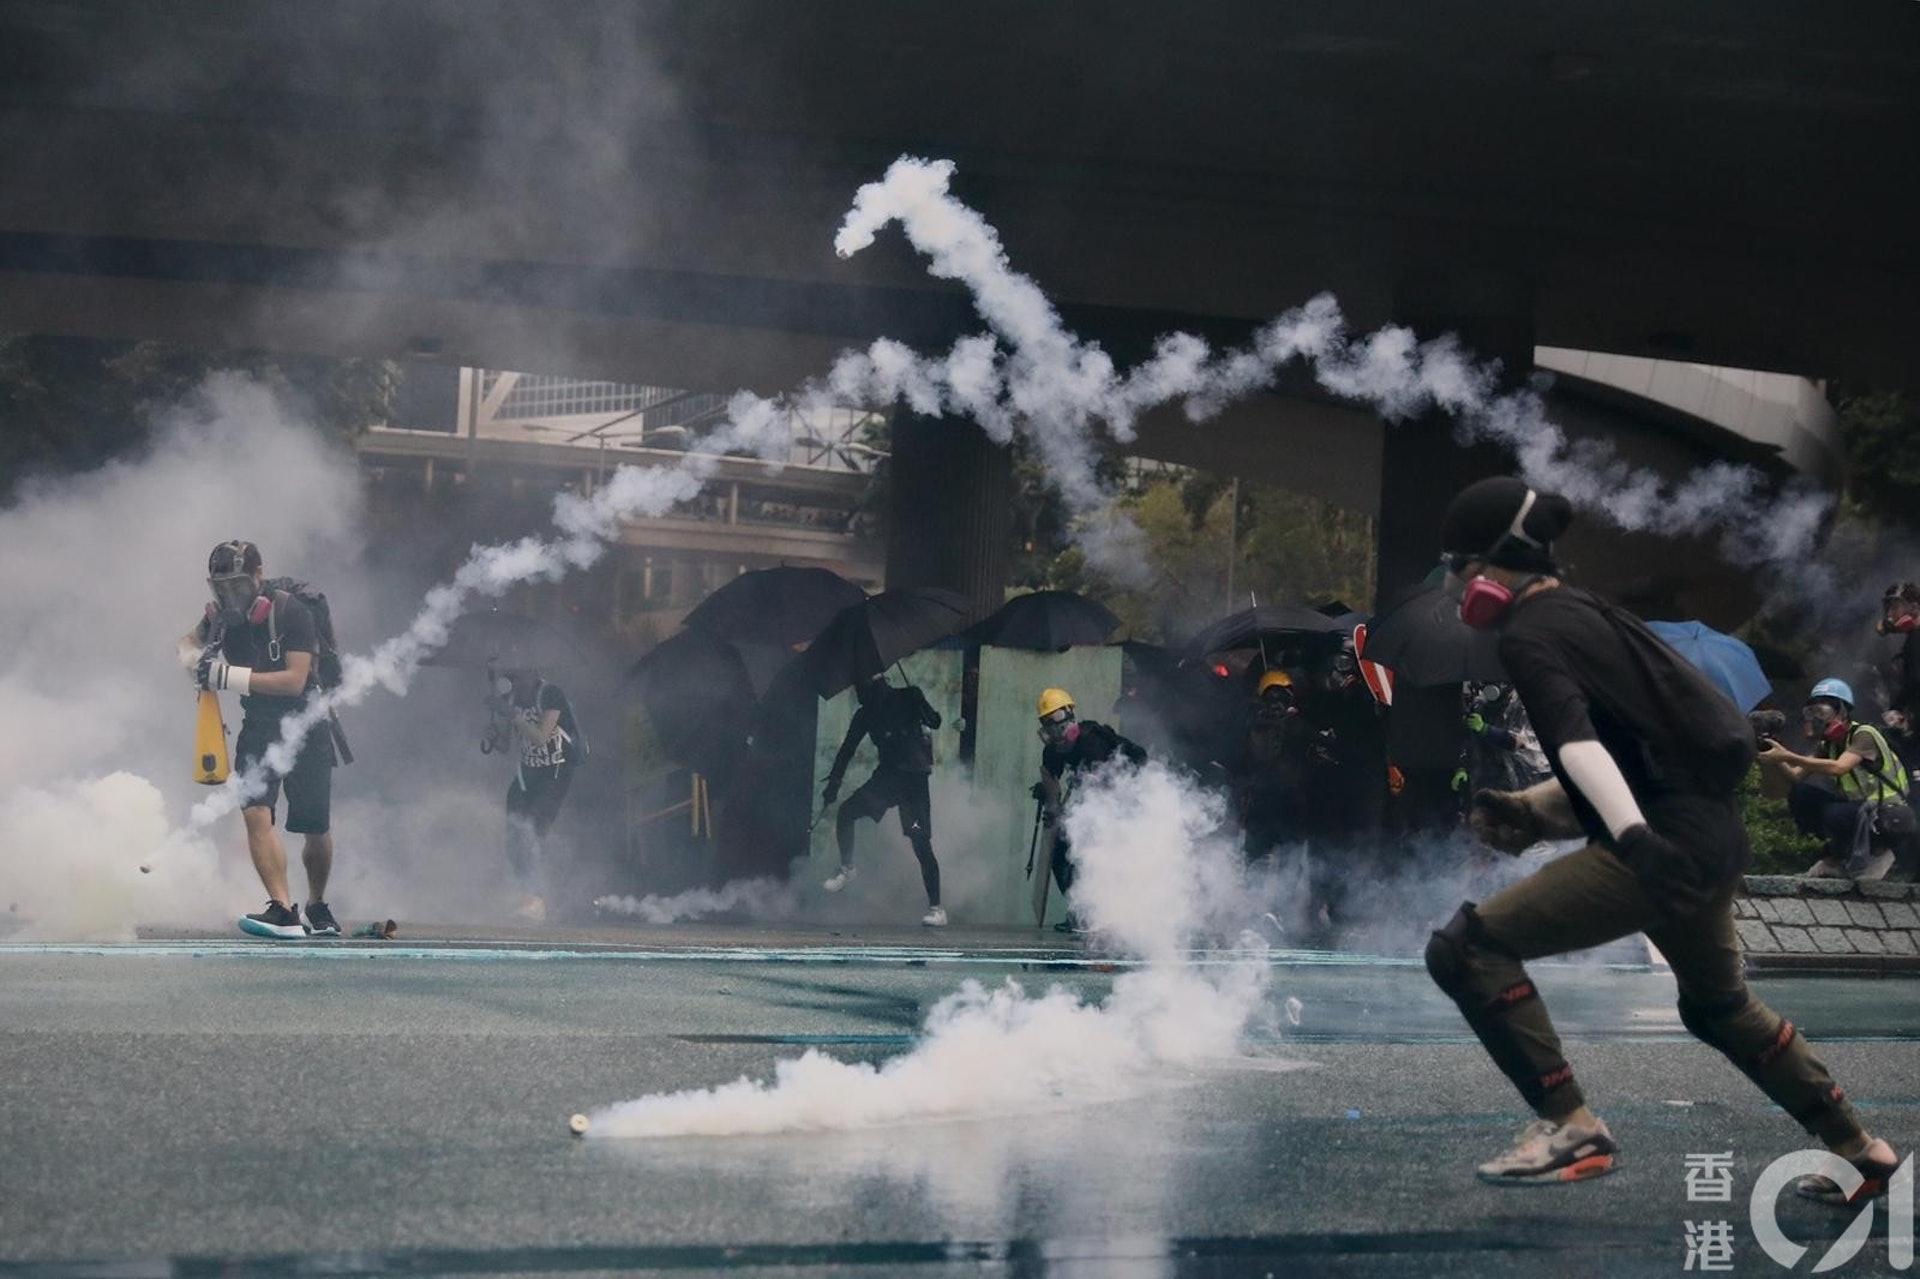 長安劍的文章強調,示威者犯下如此暴行,不要再幻想蒙面就能躲得過逃得脱。(曾梓洋攝)